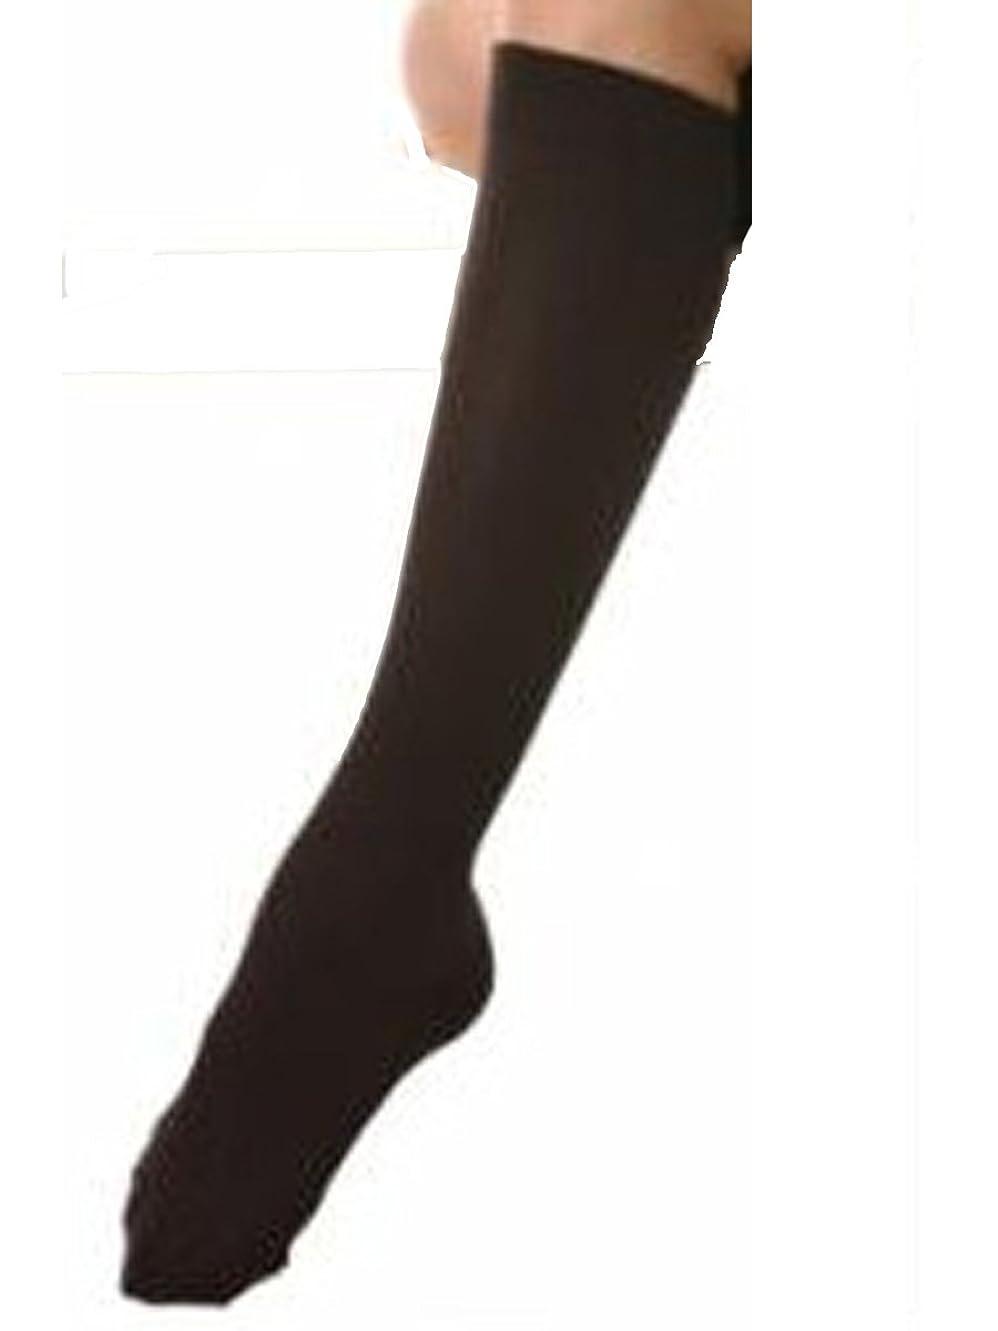 メディア横魅惑するBiBi GRANT ビビ?グラント アティーボ?ハイソックス(同色同サイズ2足セット)男女兼用 (S(22~24cm), ショコラブラウン)